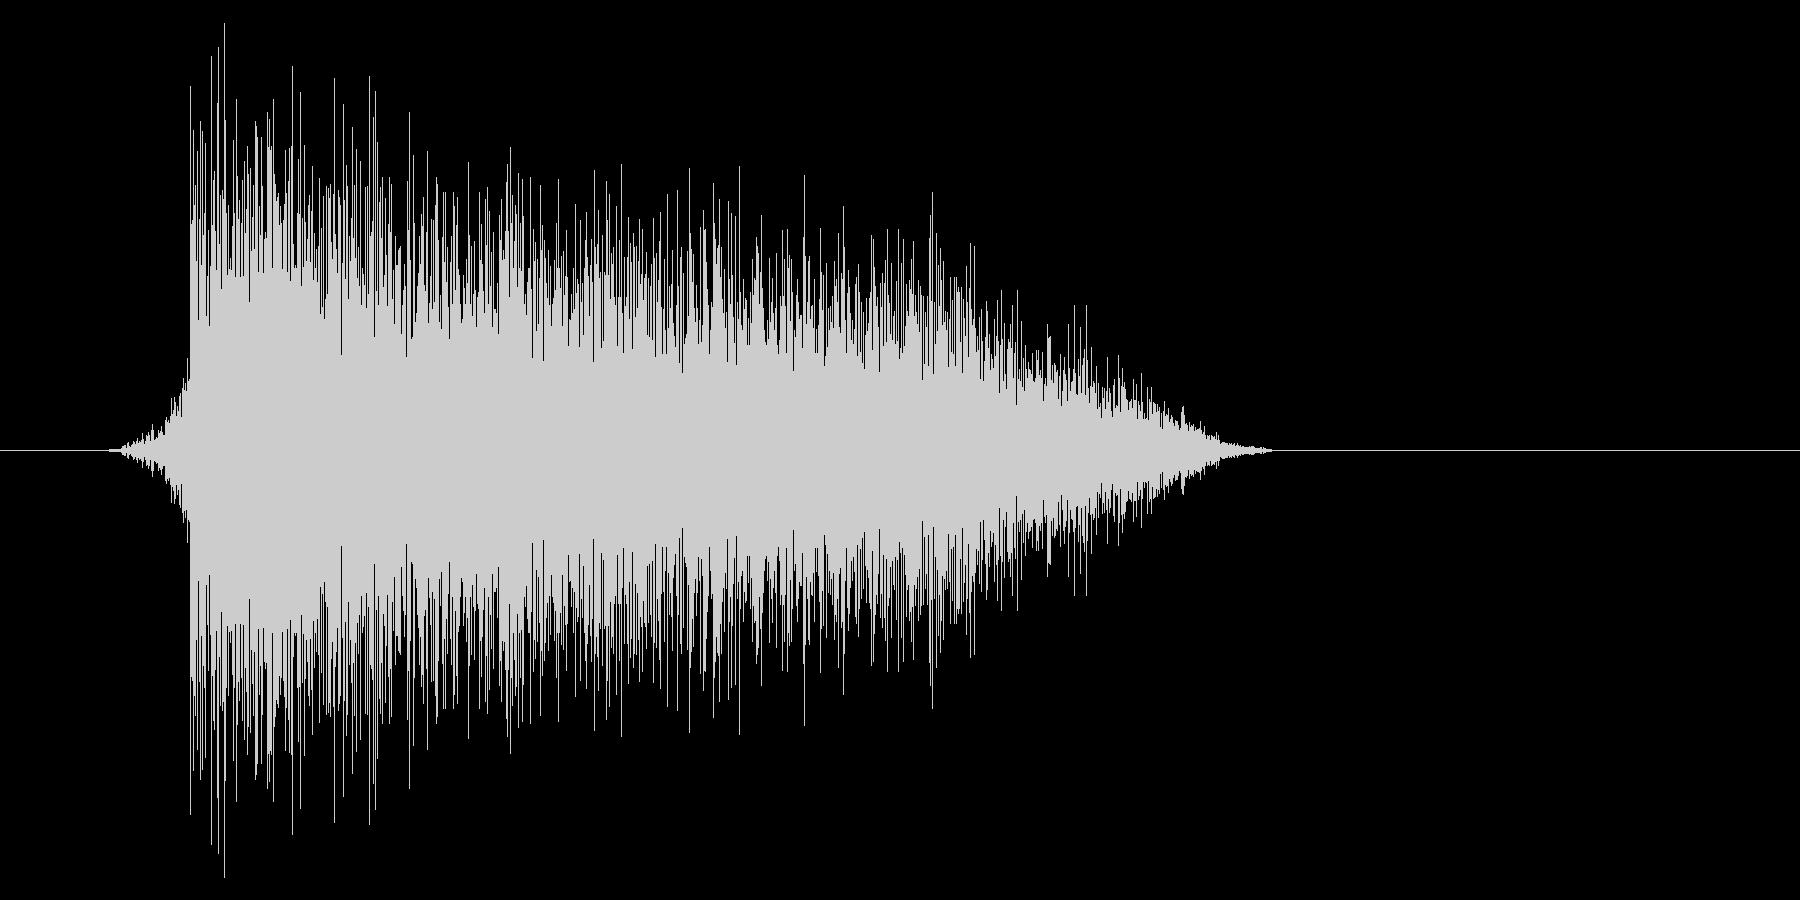 ゲーム(ファミコン風)爆発音_028の未再生の波形